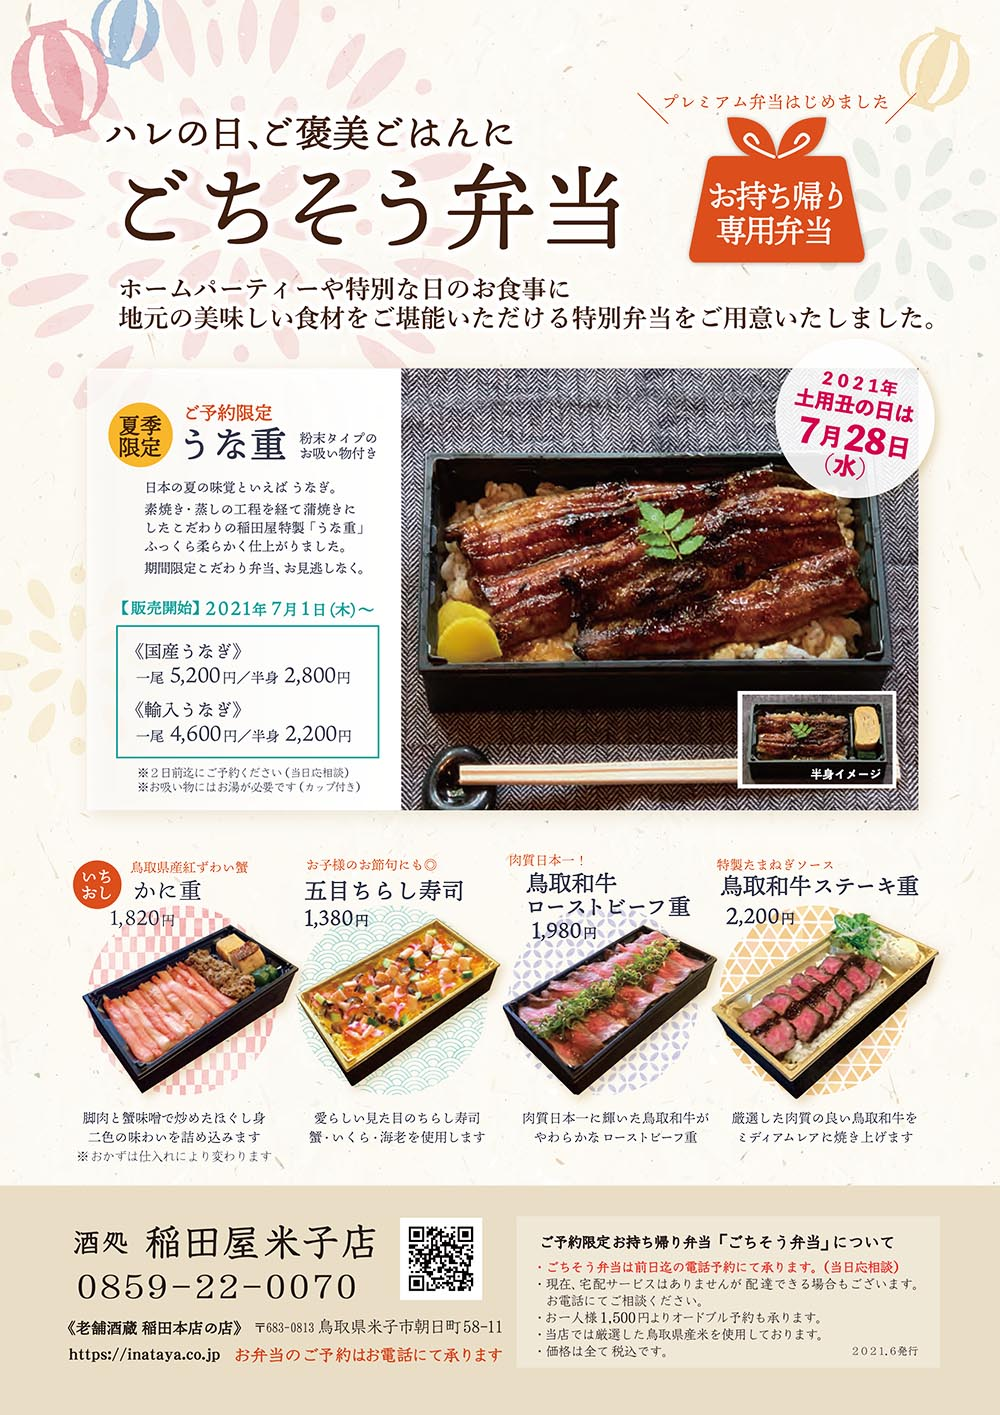 稲田屋米子店 ごちそう弁当チラシイメージ《夏季限定 うな重》はじめました